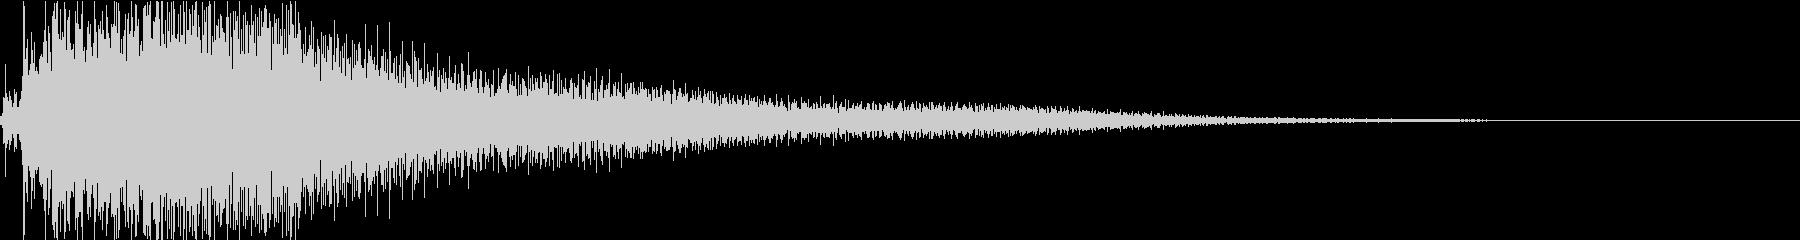 ジャラーン:アコースティックギターhの未再生の波形